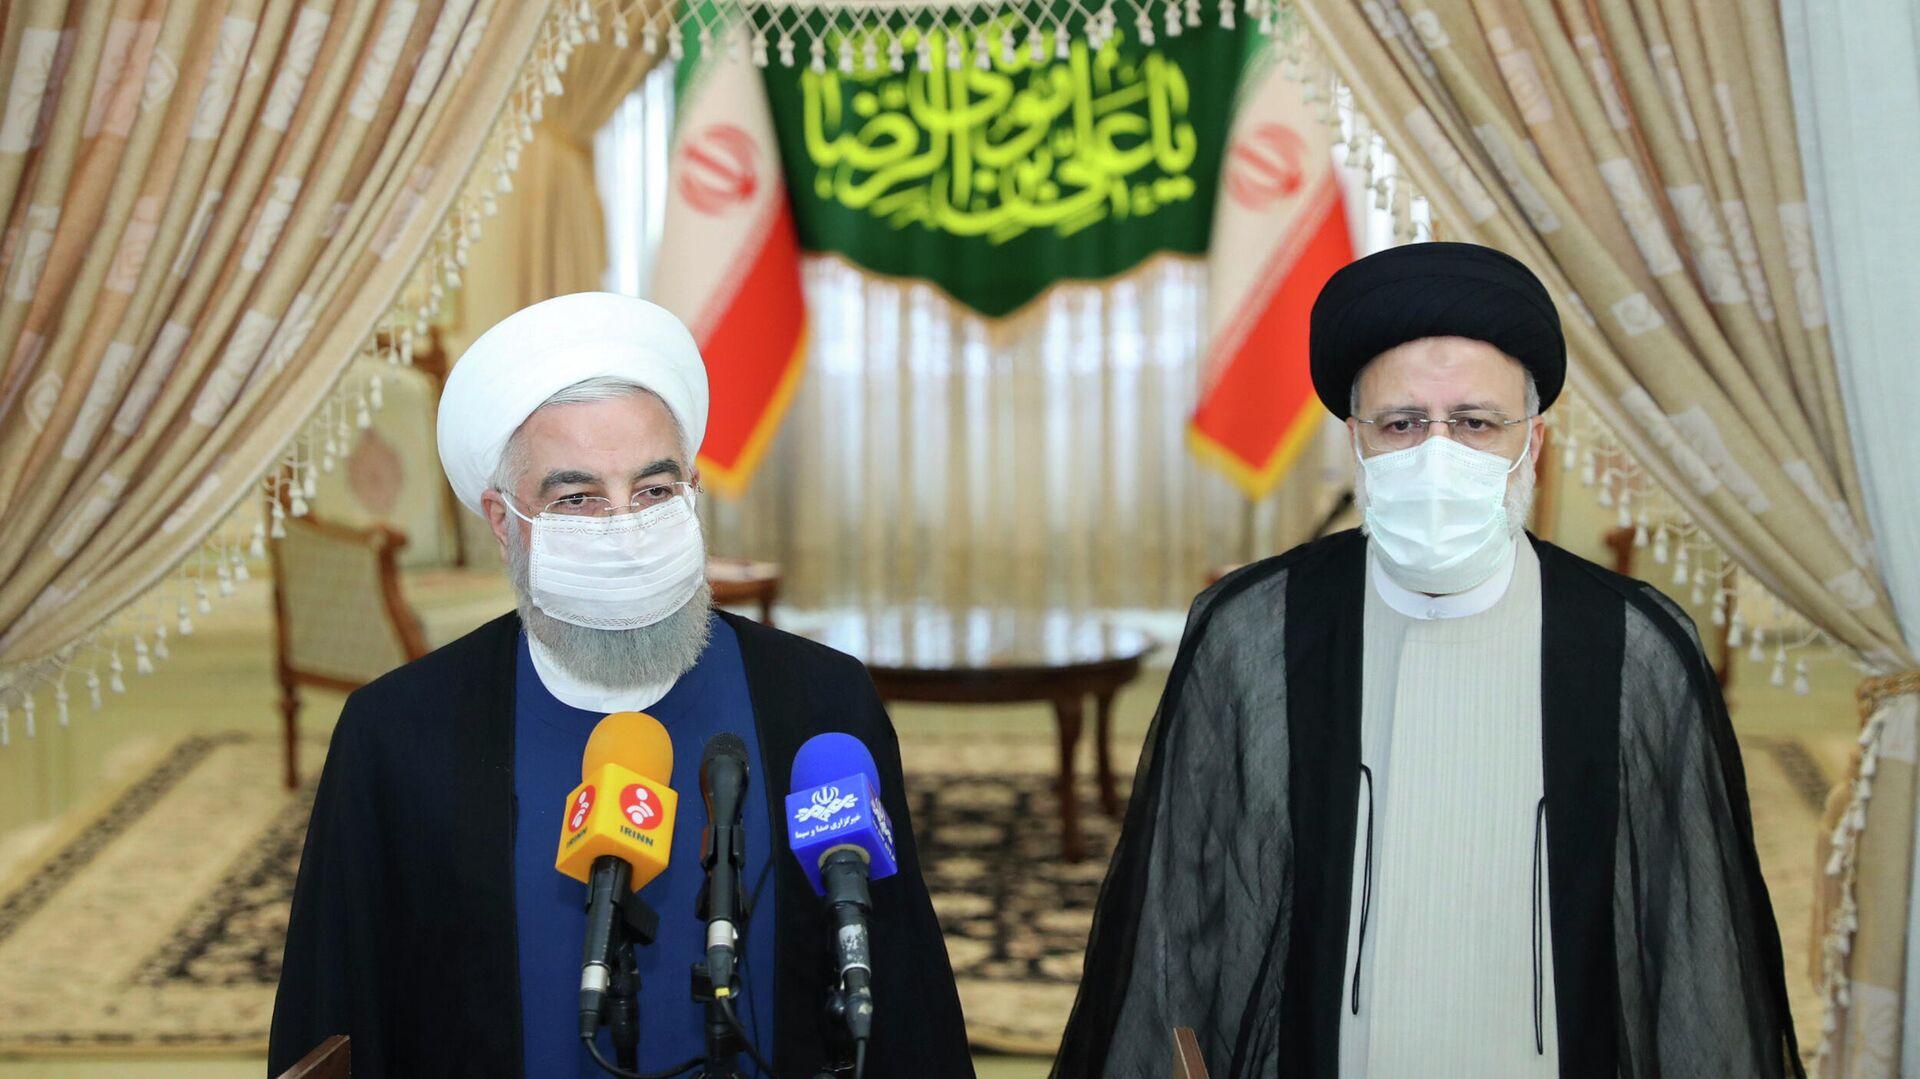 Президент Ирана Хасан Рухани и победитель президентских выборов Эбрагим Раиси на пресс-конференции после объявления результатов выборов - РИА Новости, 1920, 19.06.2021